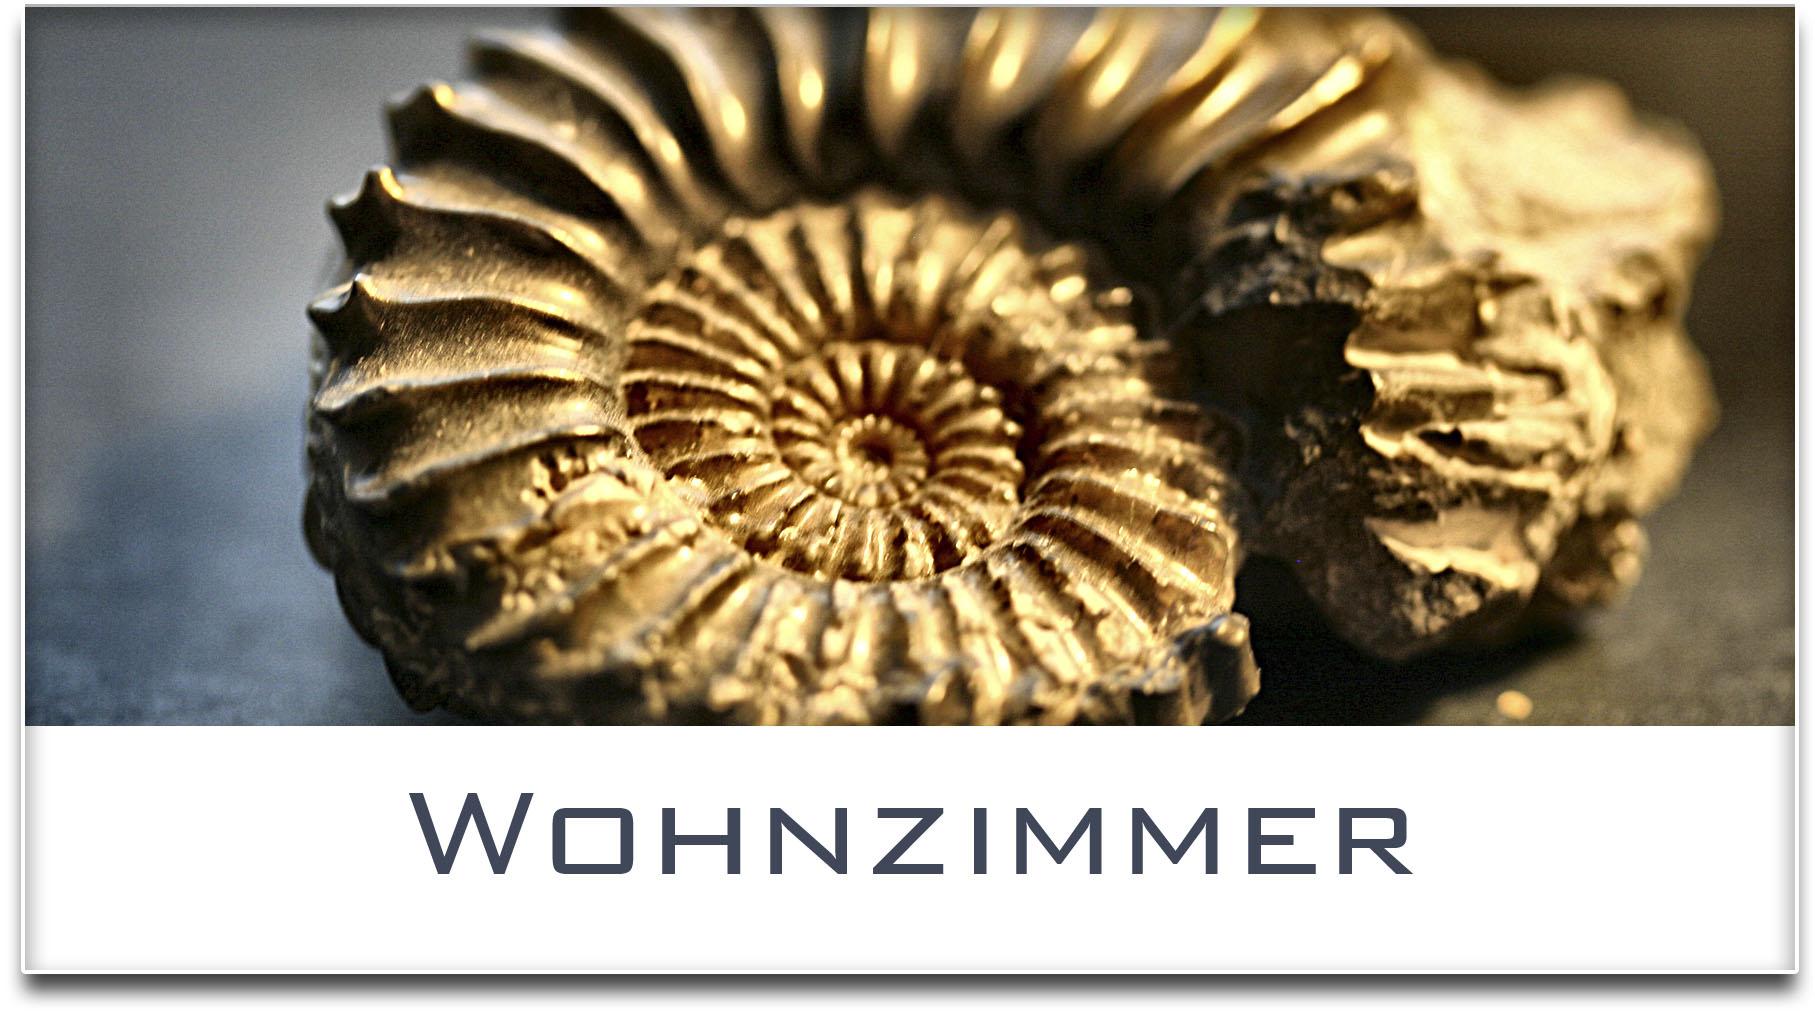 Türschild / Haustürschild / Versteinerte Muschel / Wohnzimmer / Selbstklebend